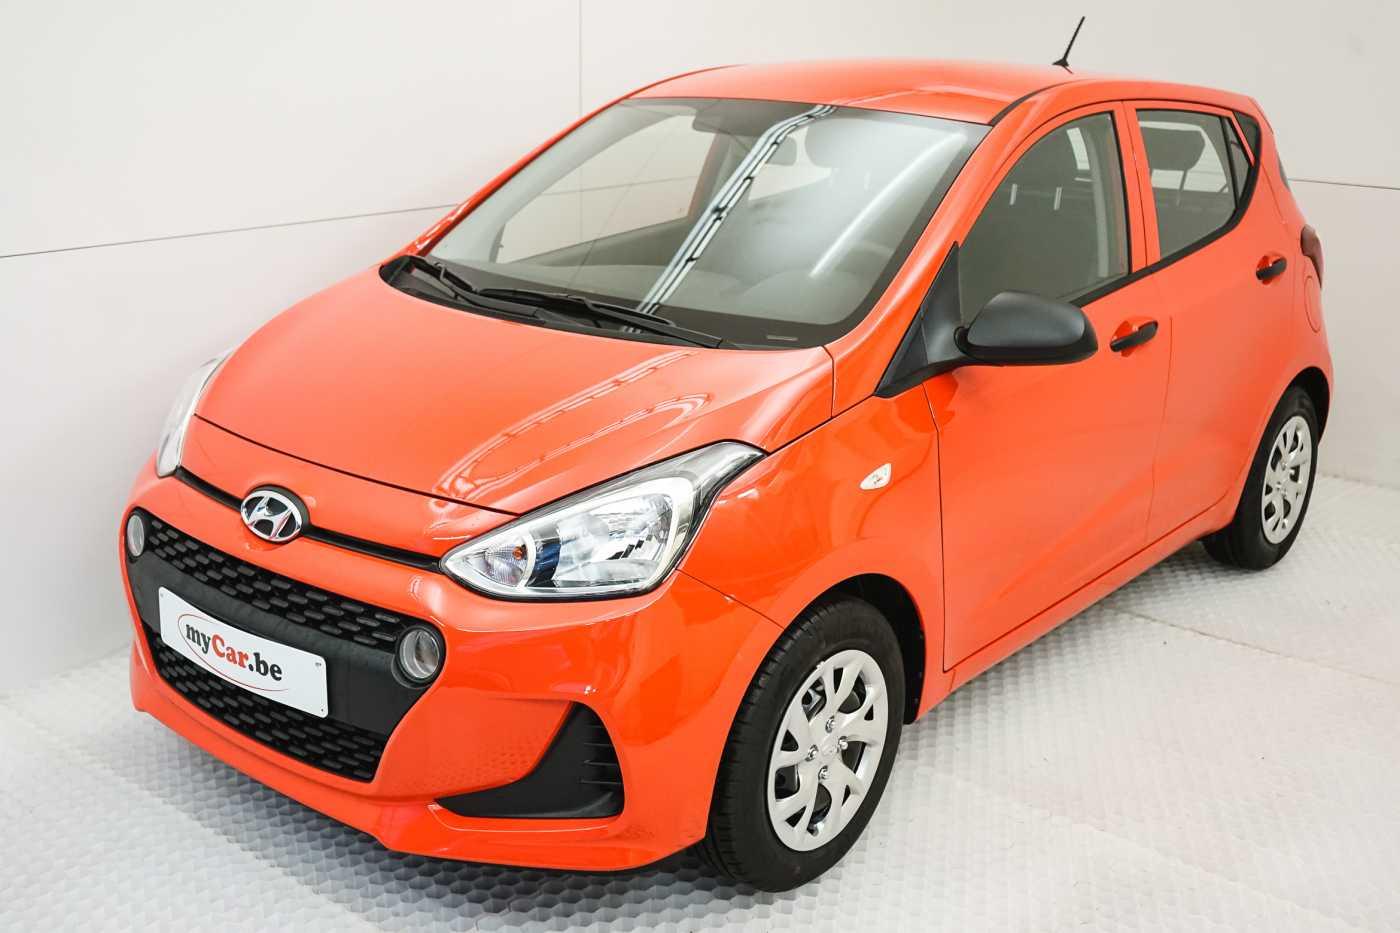 Hyundai i10 1.0i I-Drive // Mistlampen vooraan, Start/Stop 3/23